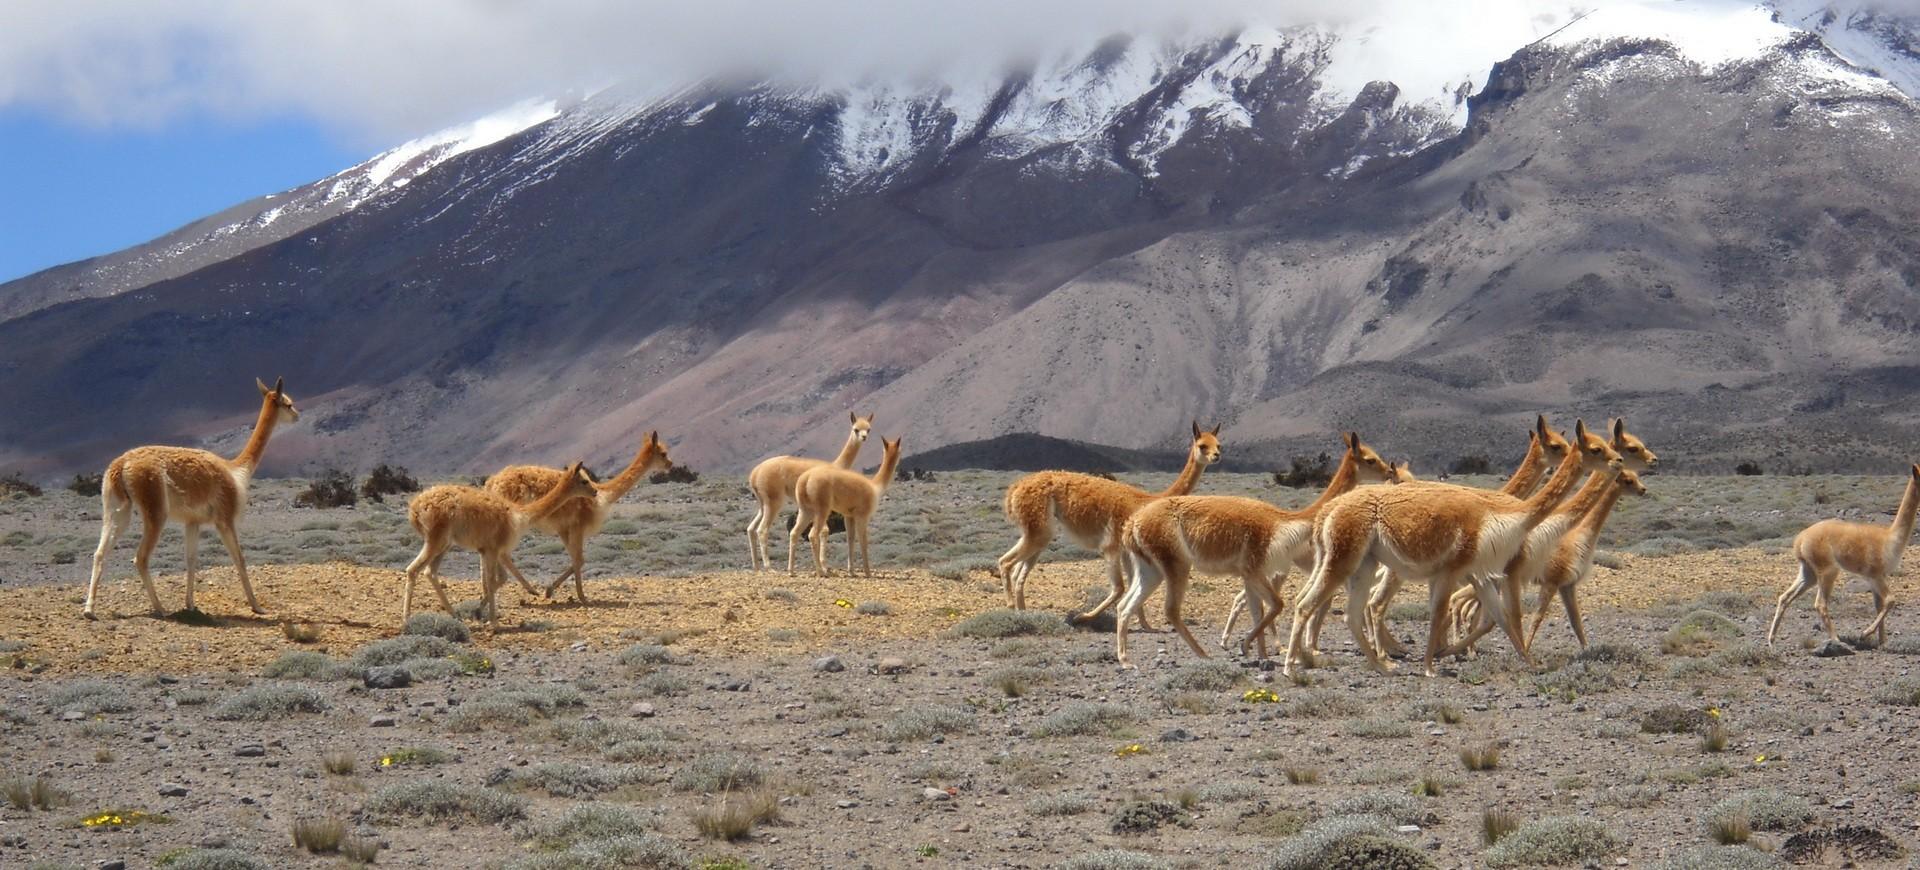 Lamas dans les hauts plateaux en Equateur